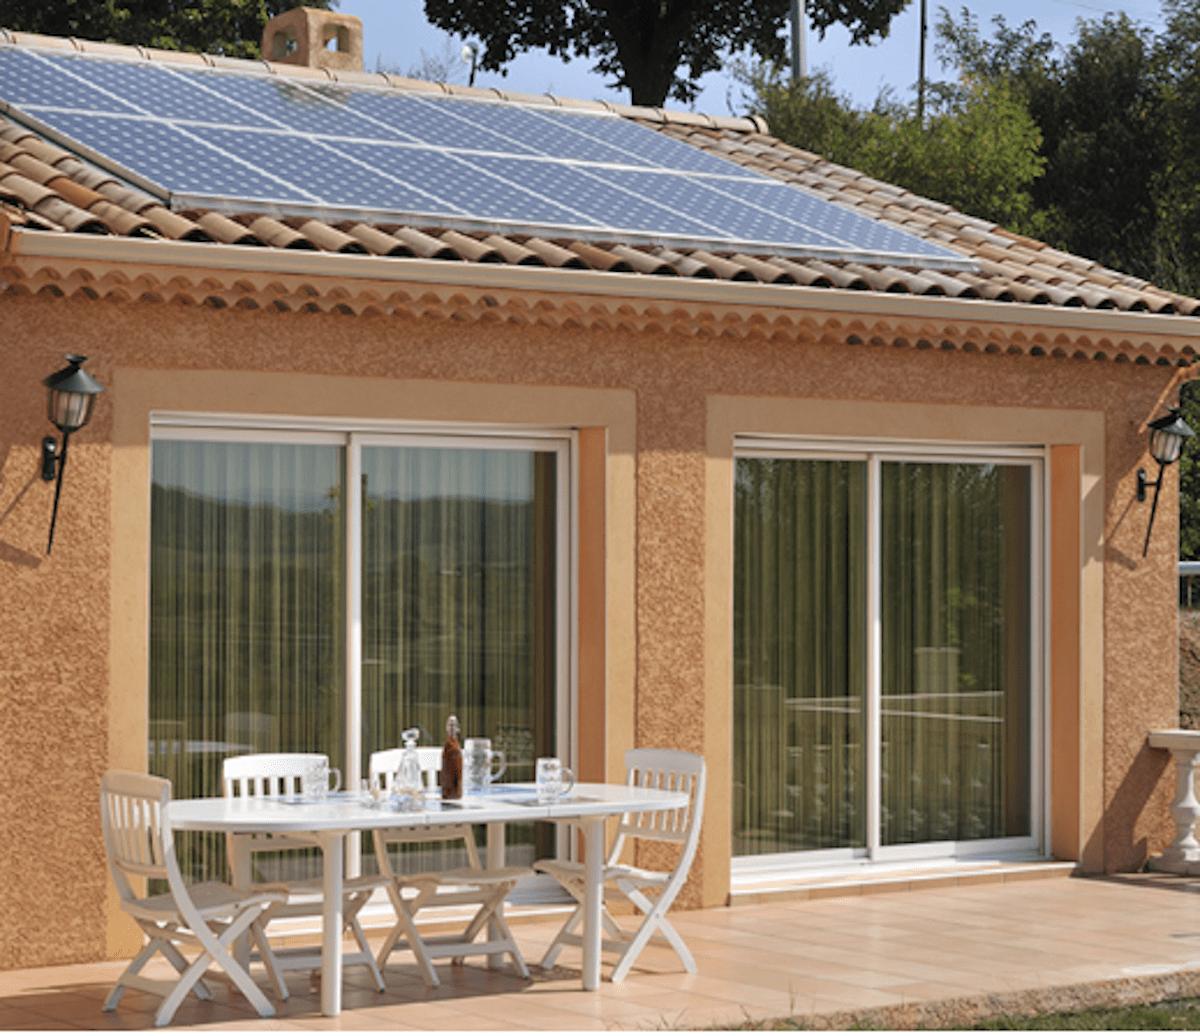 Panneau solaire Eco System Habitat